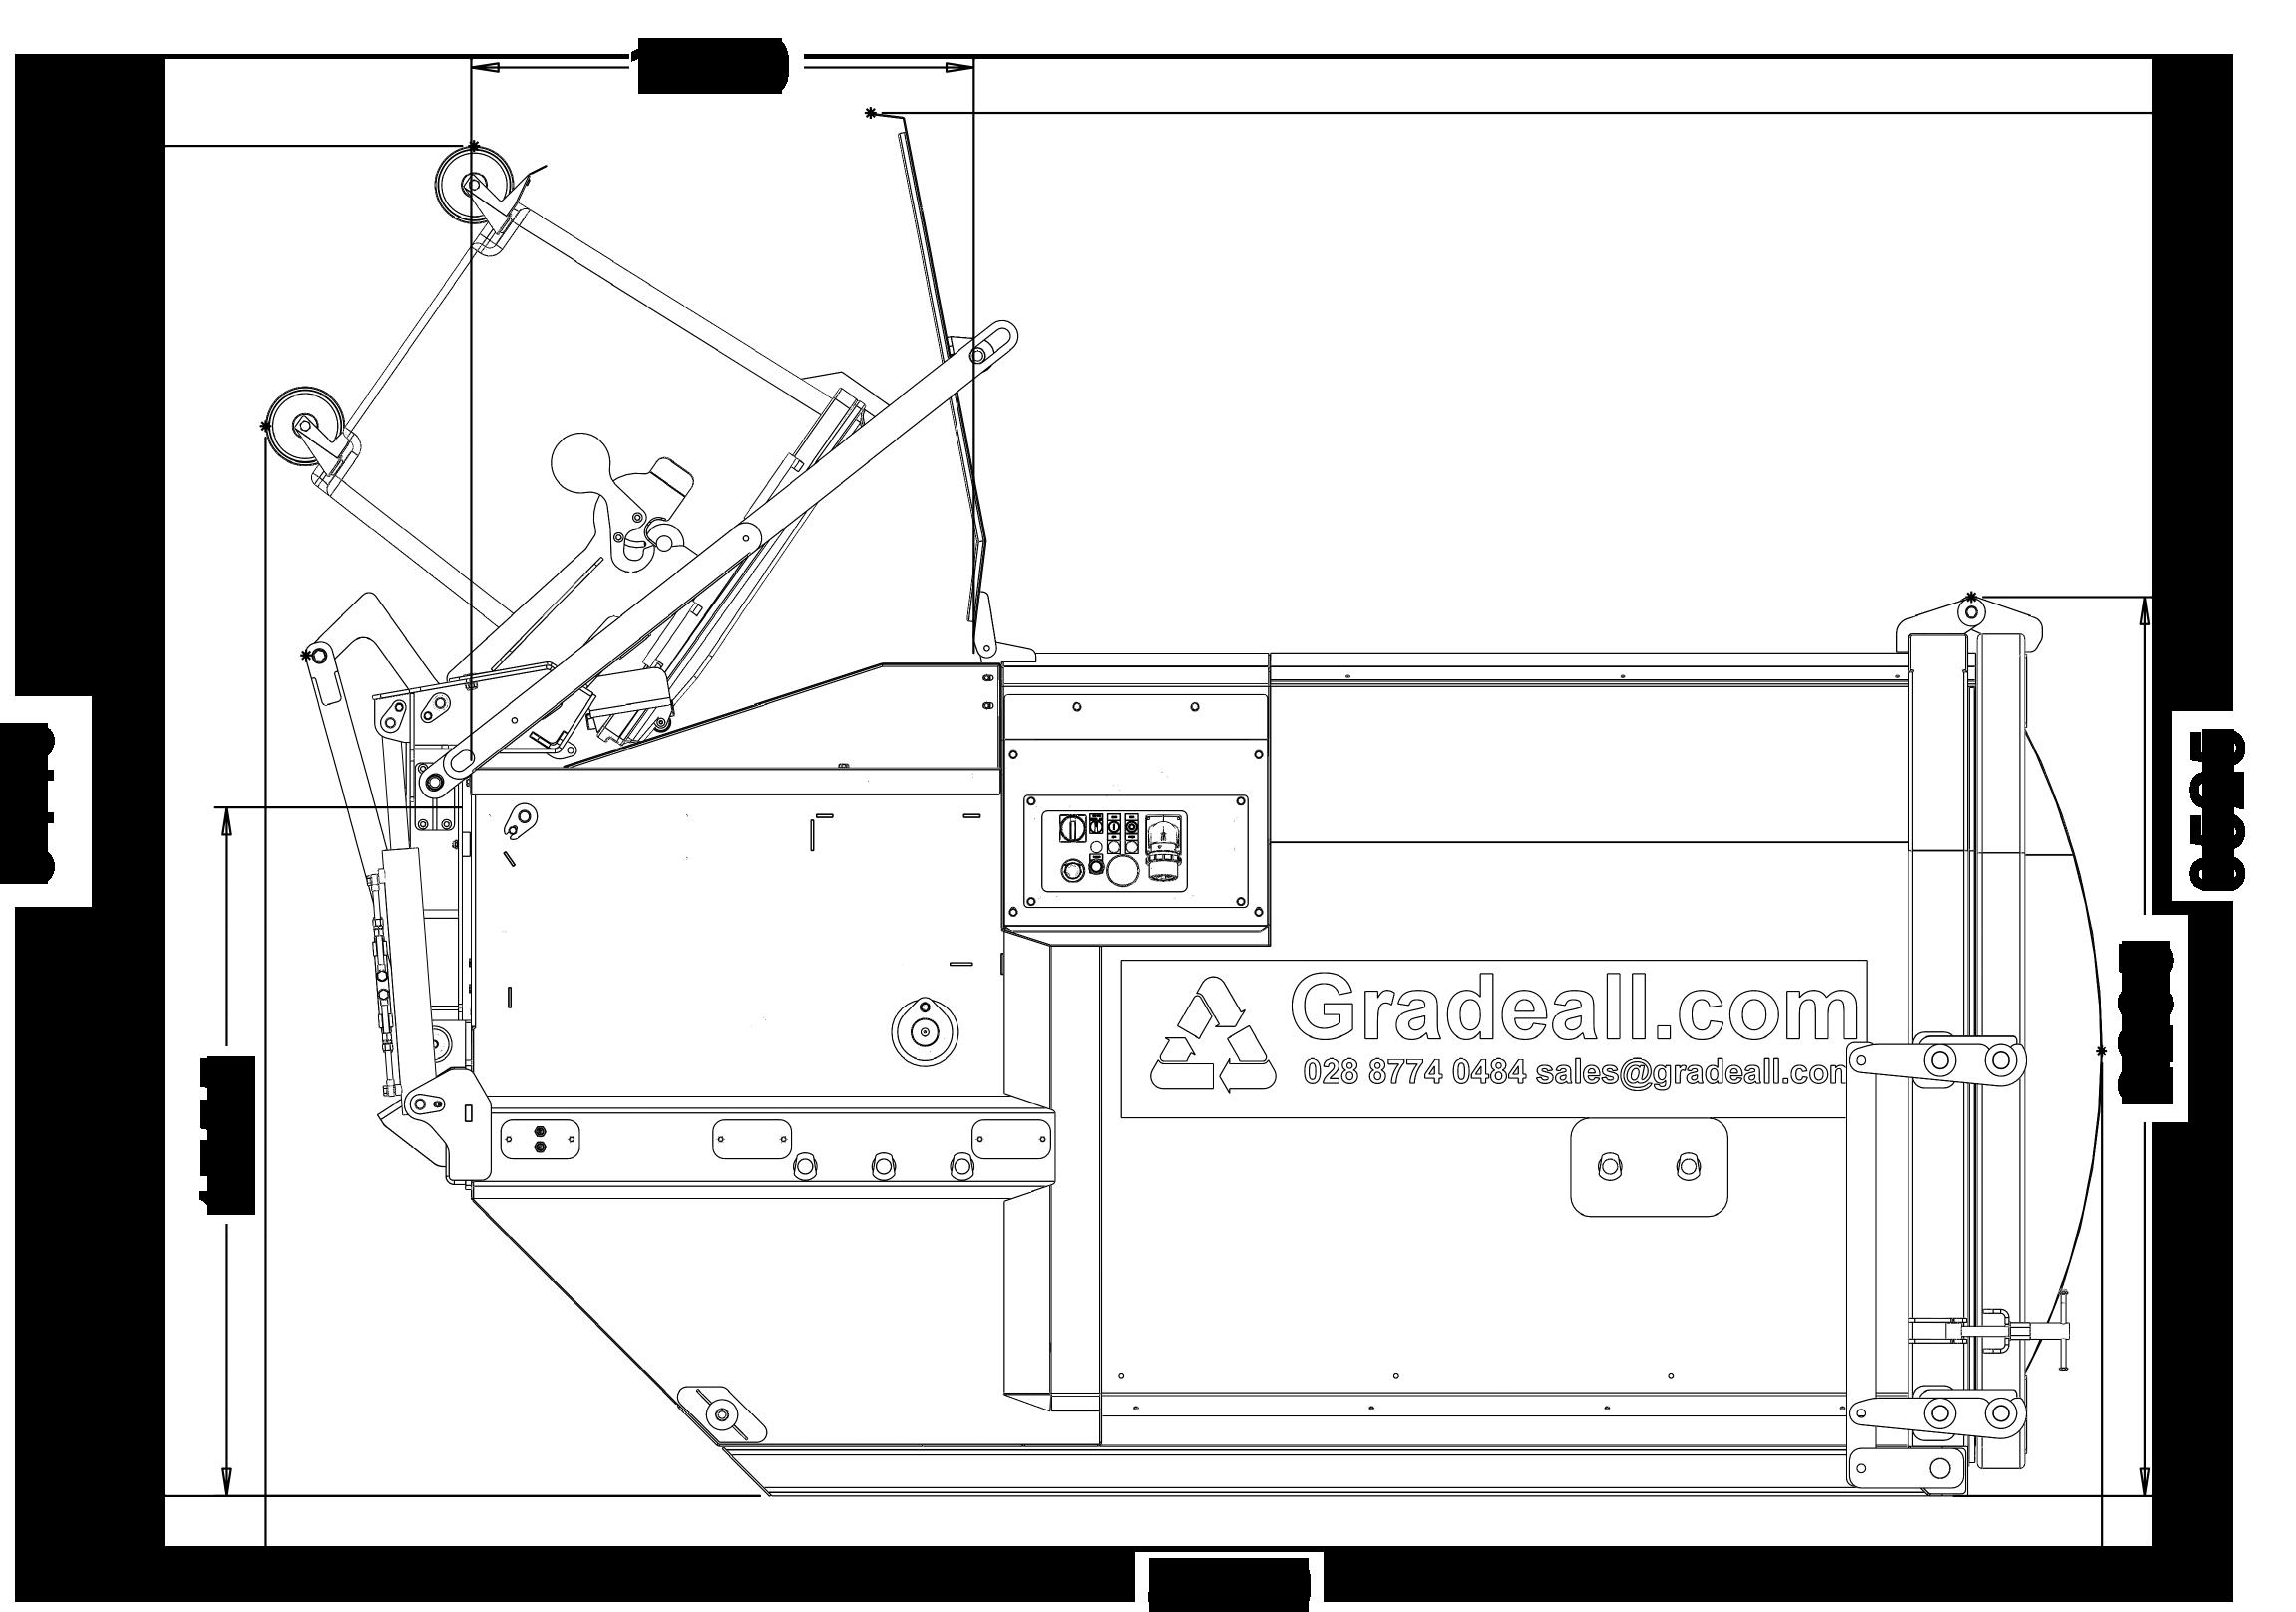 Gradeall GPC P9 - Bin Lift - Side View - Bin Down